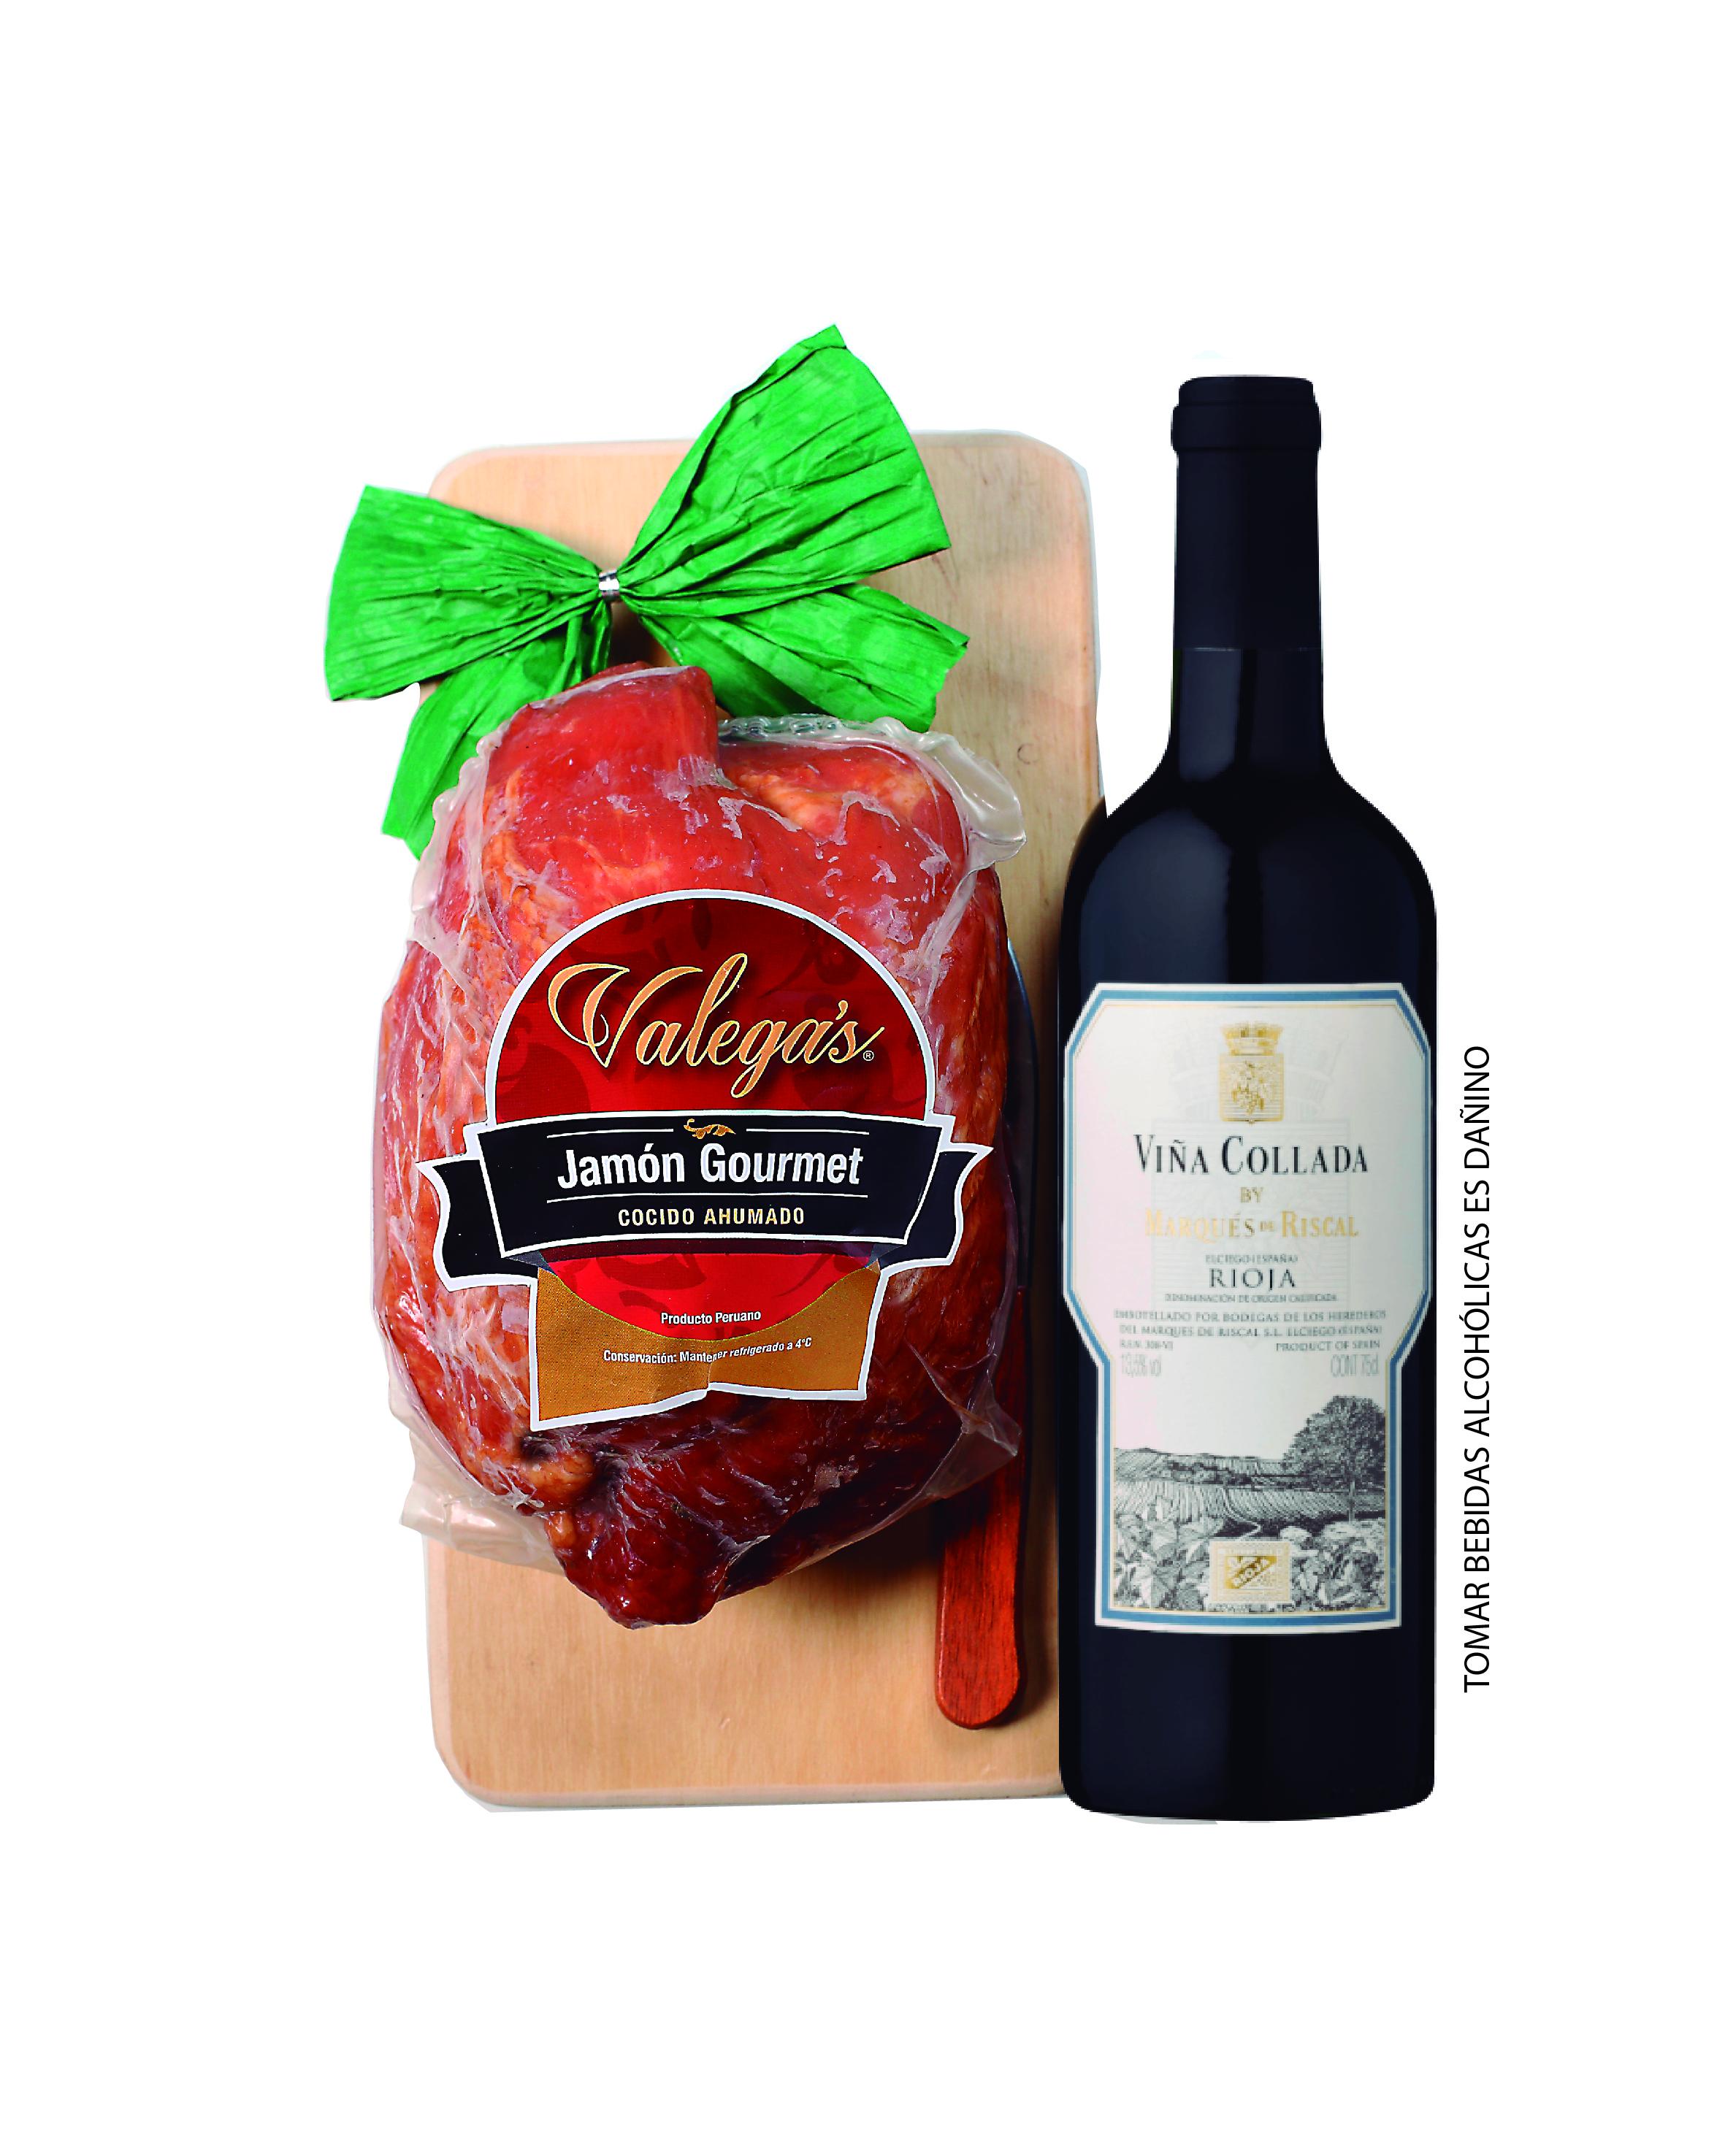 Jamón Gourmet de 1.2kg con tablita de madera y cuchillo,acompañado por un vino Rioja de Marqués del Riscal.